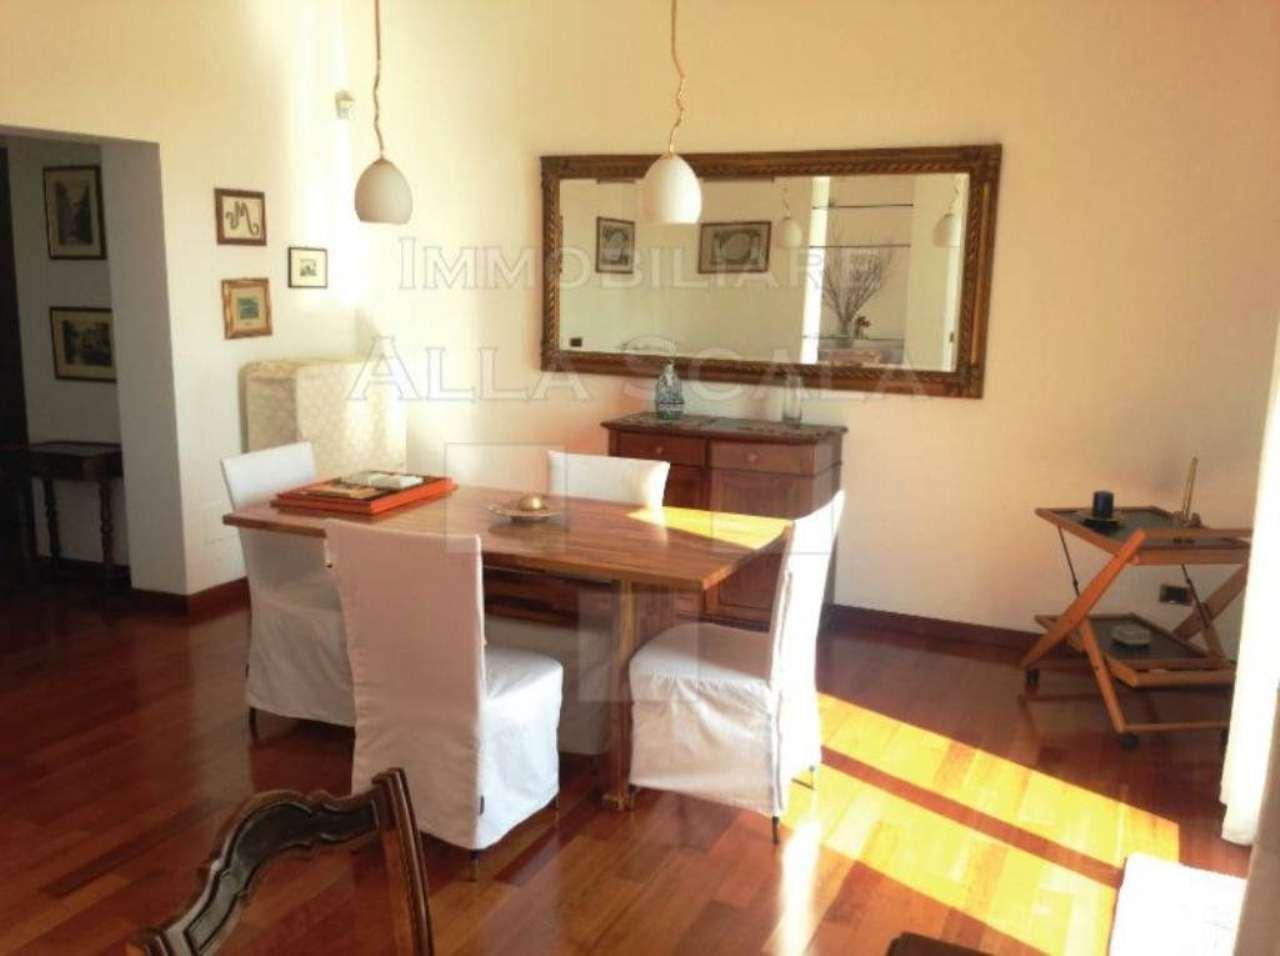 Appartamento in affitto a Milano, 2 locali, zona Zona: 1 . Centro Storico, Duomo, Brera, Cadorna, Cattolica, prezzo € 1.625 | CambioCasa.it